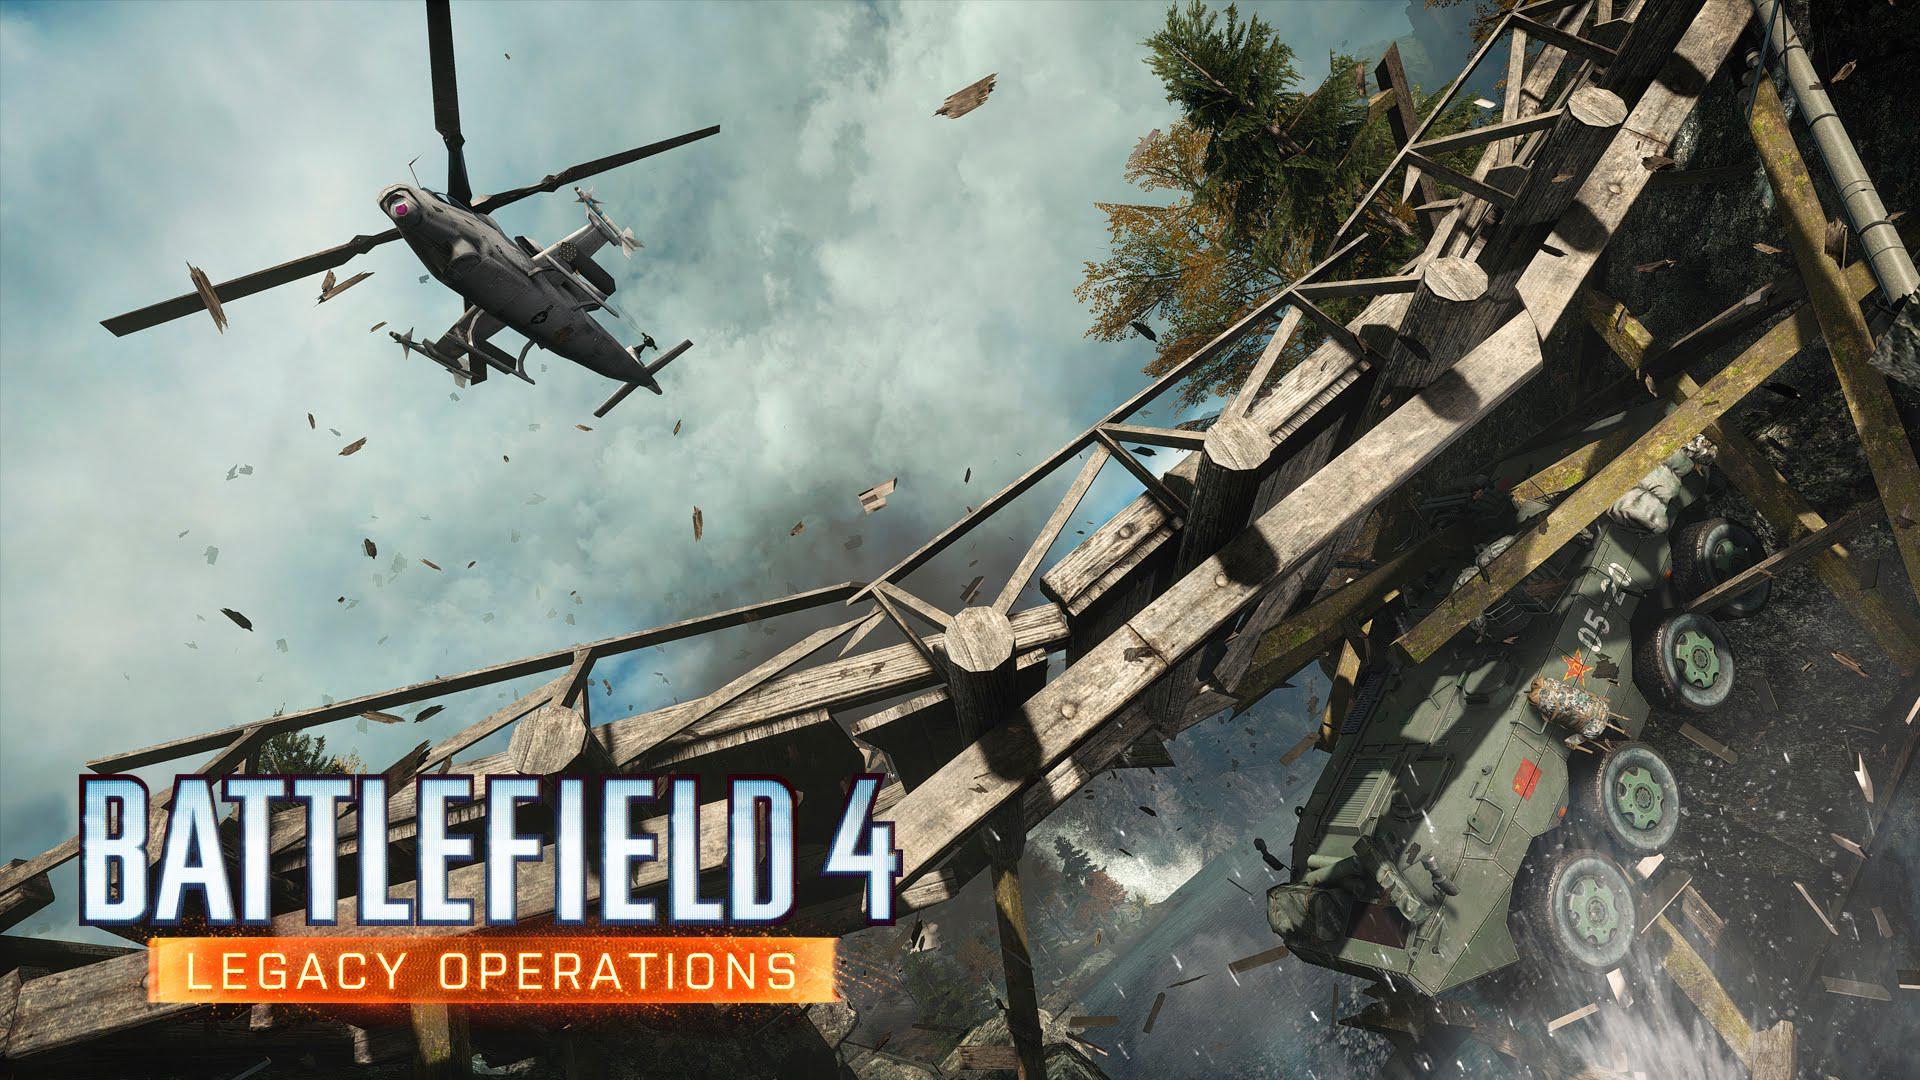 Battlefield 4 va primi un nou DLC gratuit la finele anului acesta